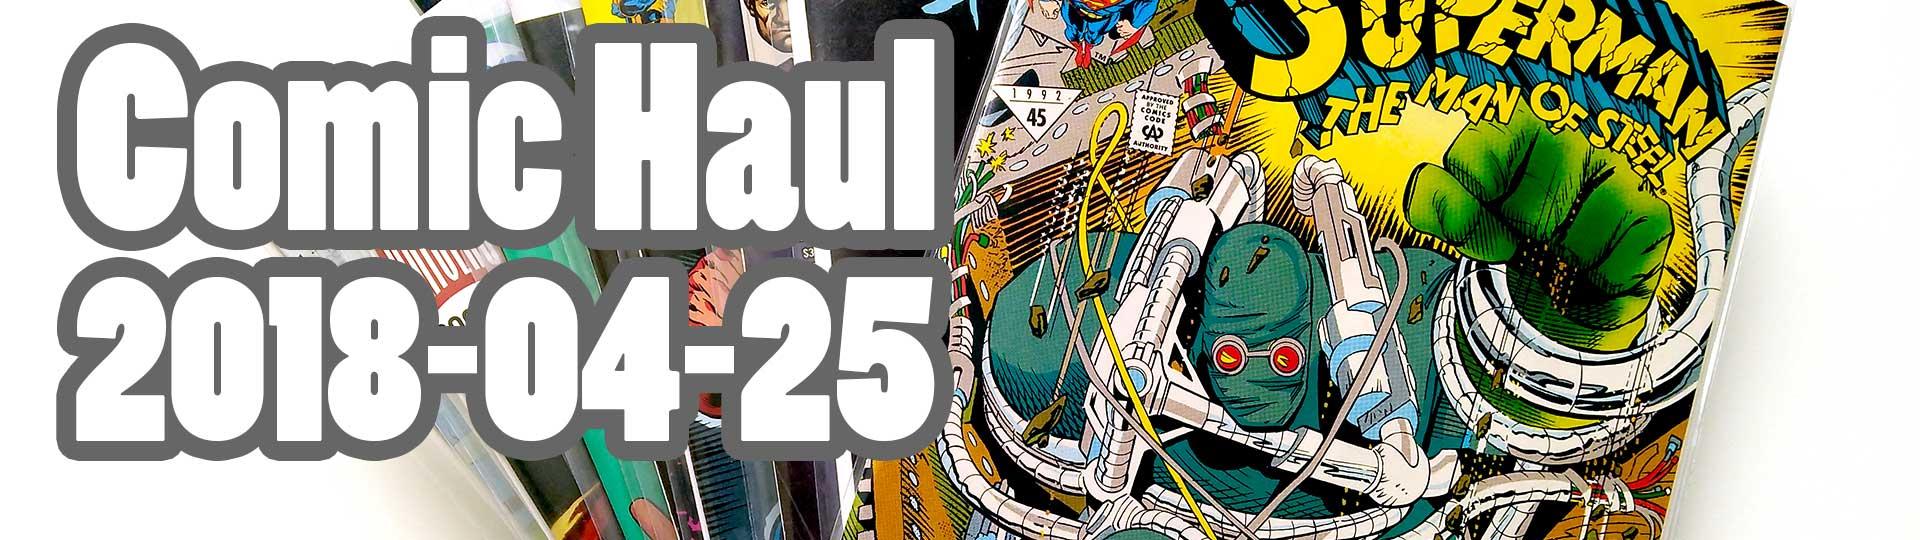 Comic Haul 2018-04-25